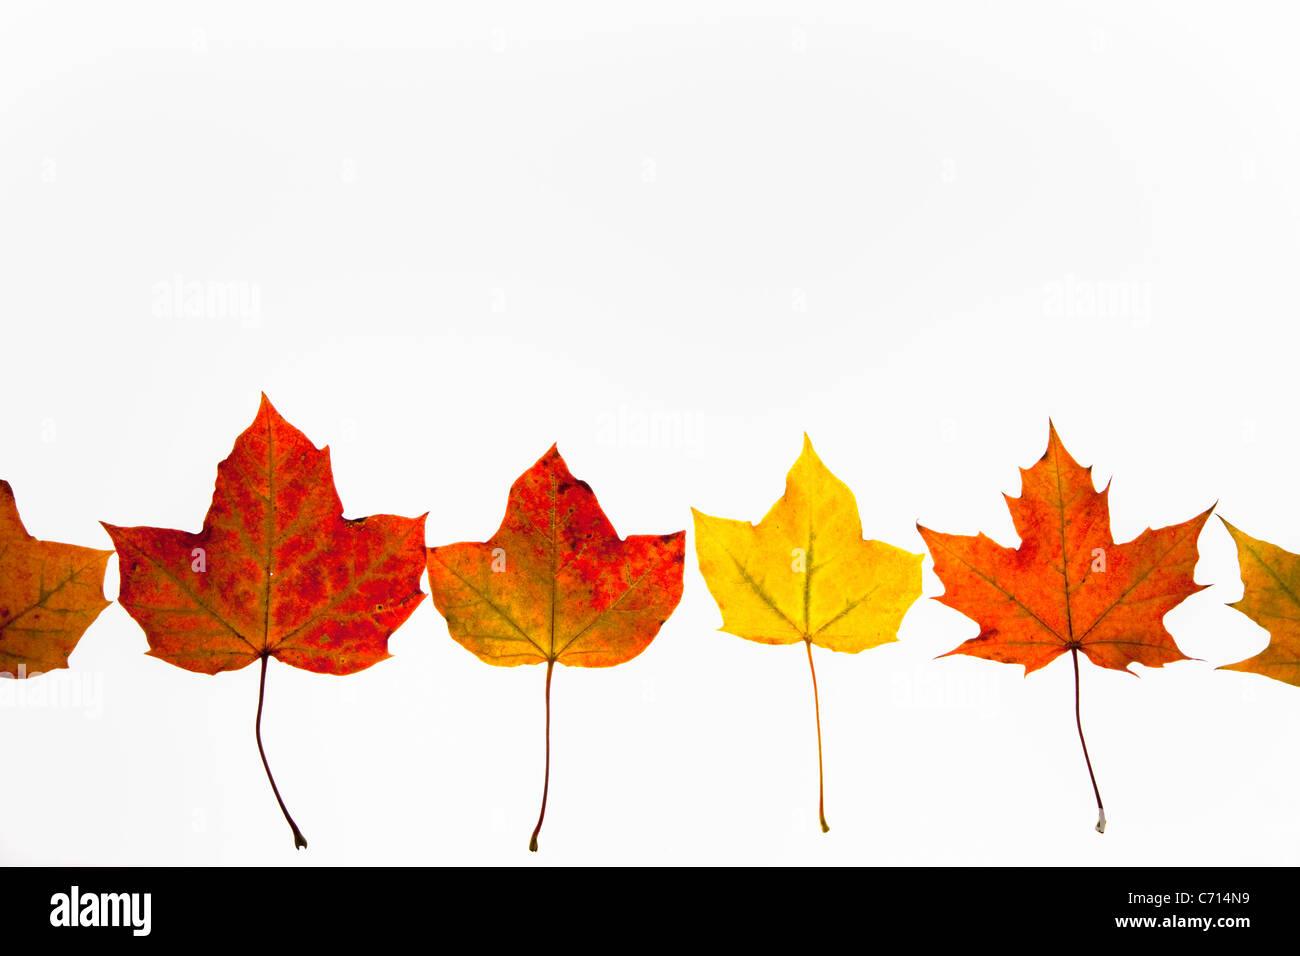 Presentaron hojas de arce en otoño, Acer campestre, el Parque Nacional de Northumberland, Reino Unido Foto de stock